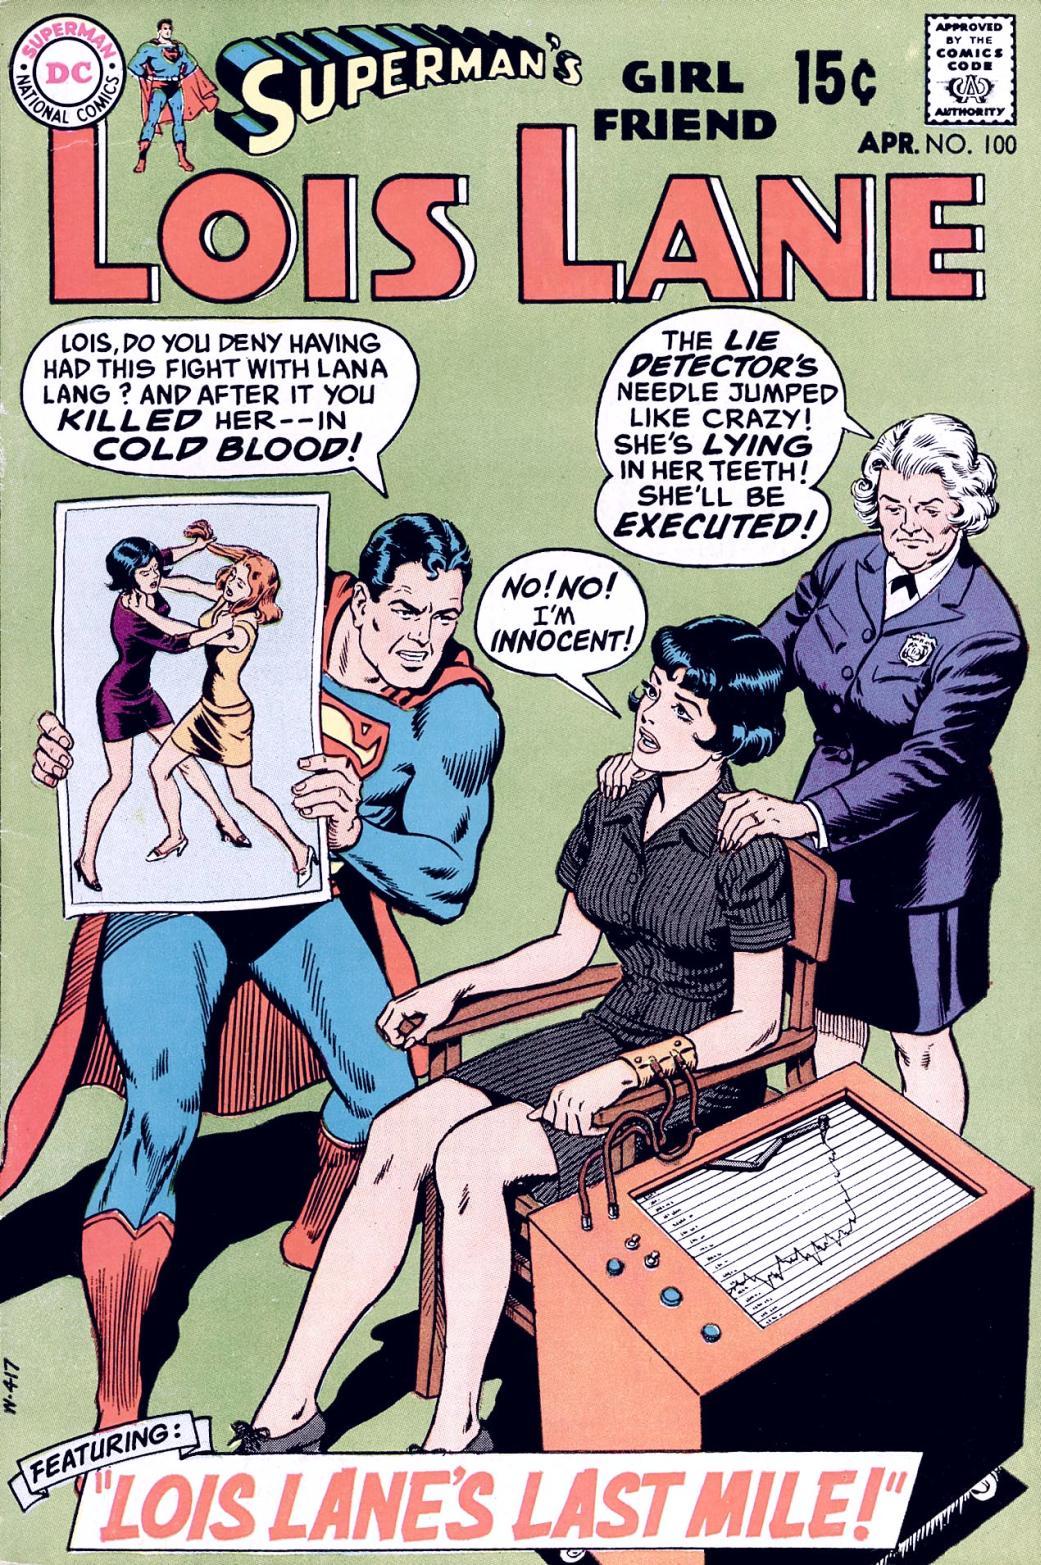 Supermans Girl Friend, Lois Lane 100 Page 1